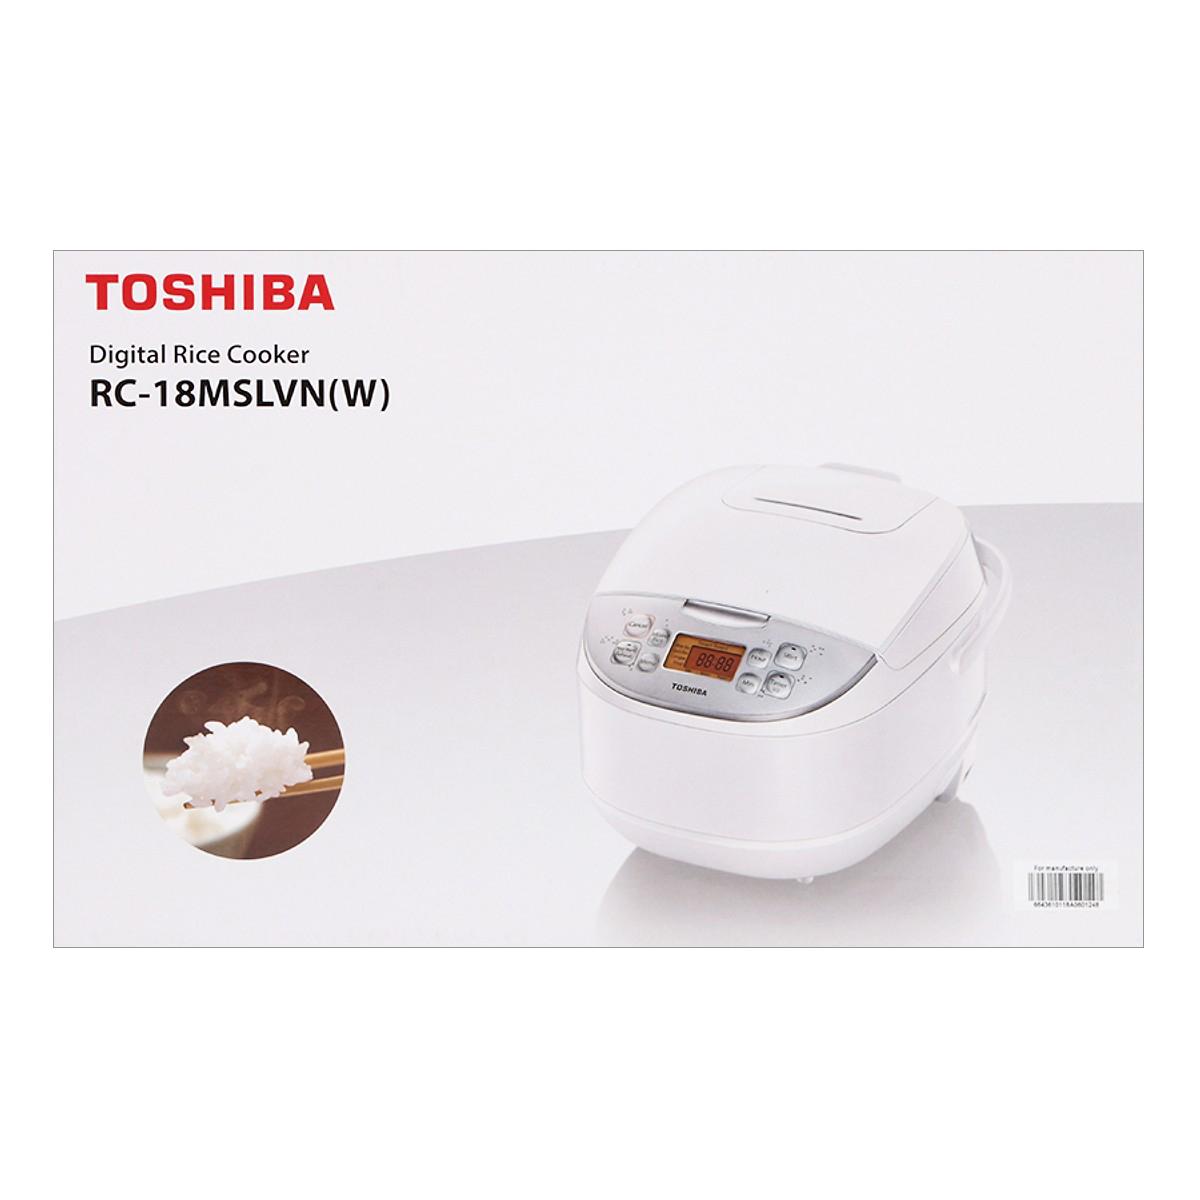 Nồi Cơm Điện Tử Toshiba RC-18MSLVN(W) (1.8L) - Hàng chính hãng